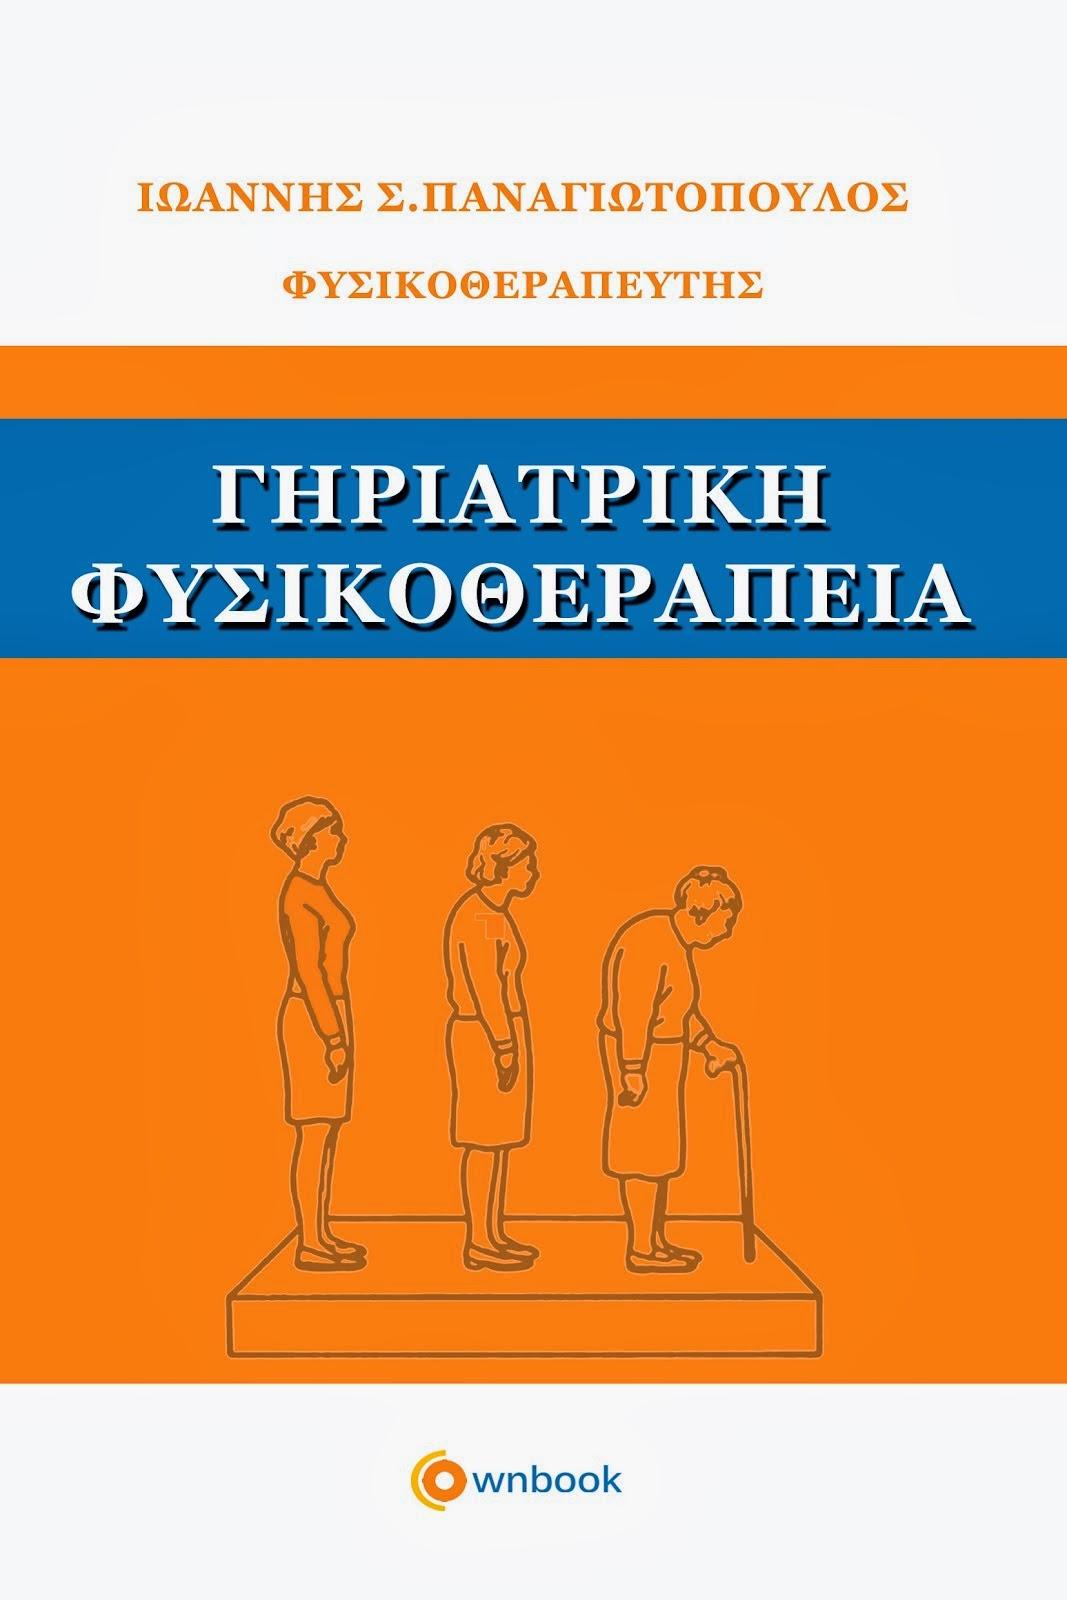 Δείτε τη συνέντευξη στο EXTRA. Παραγγελίες του βιβλίου στο email: ipanagiot@yahoo.com